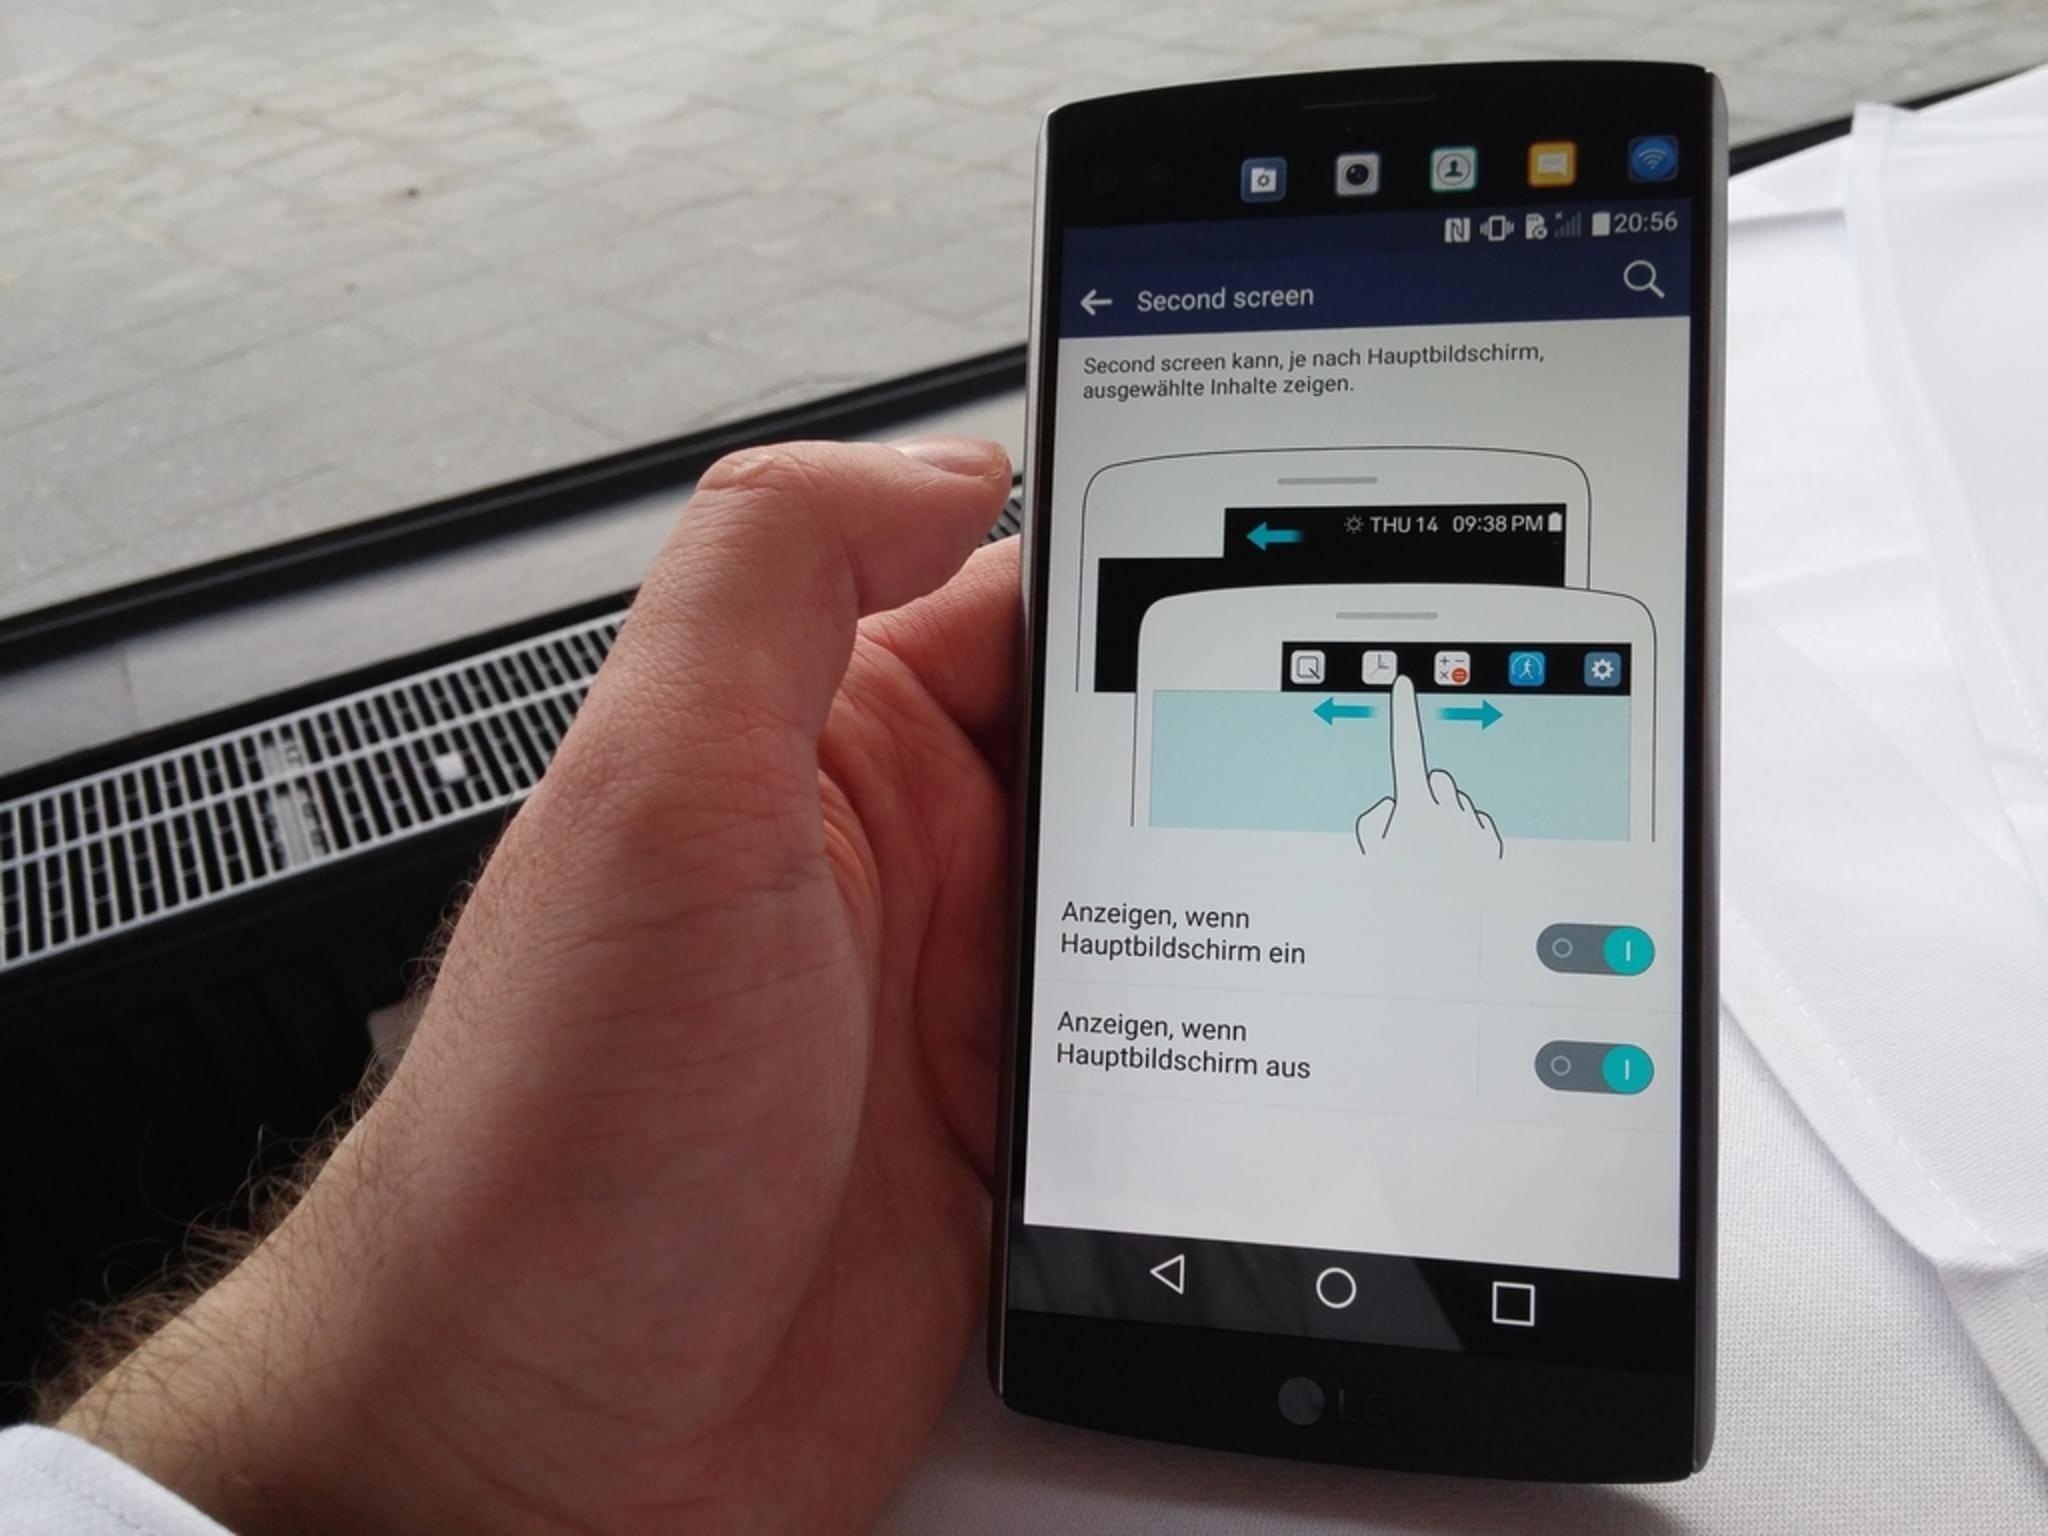 Das LG V10 besitzt ein zweites Display im oberen Bereich.